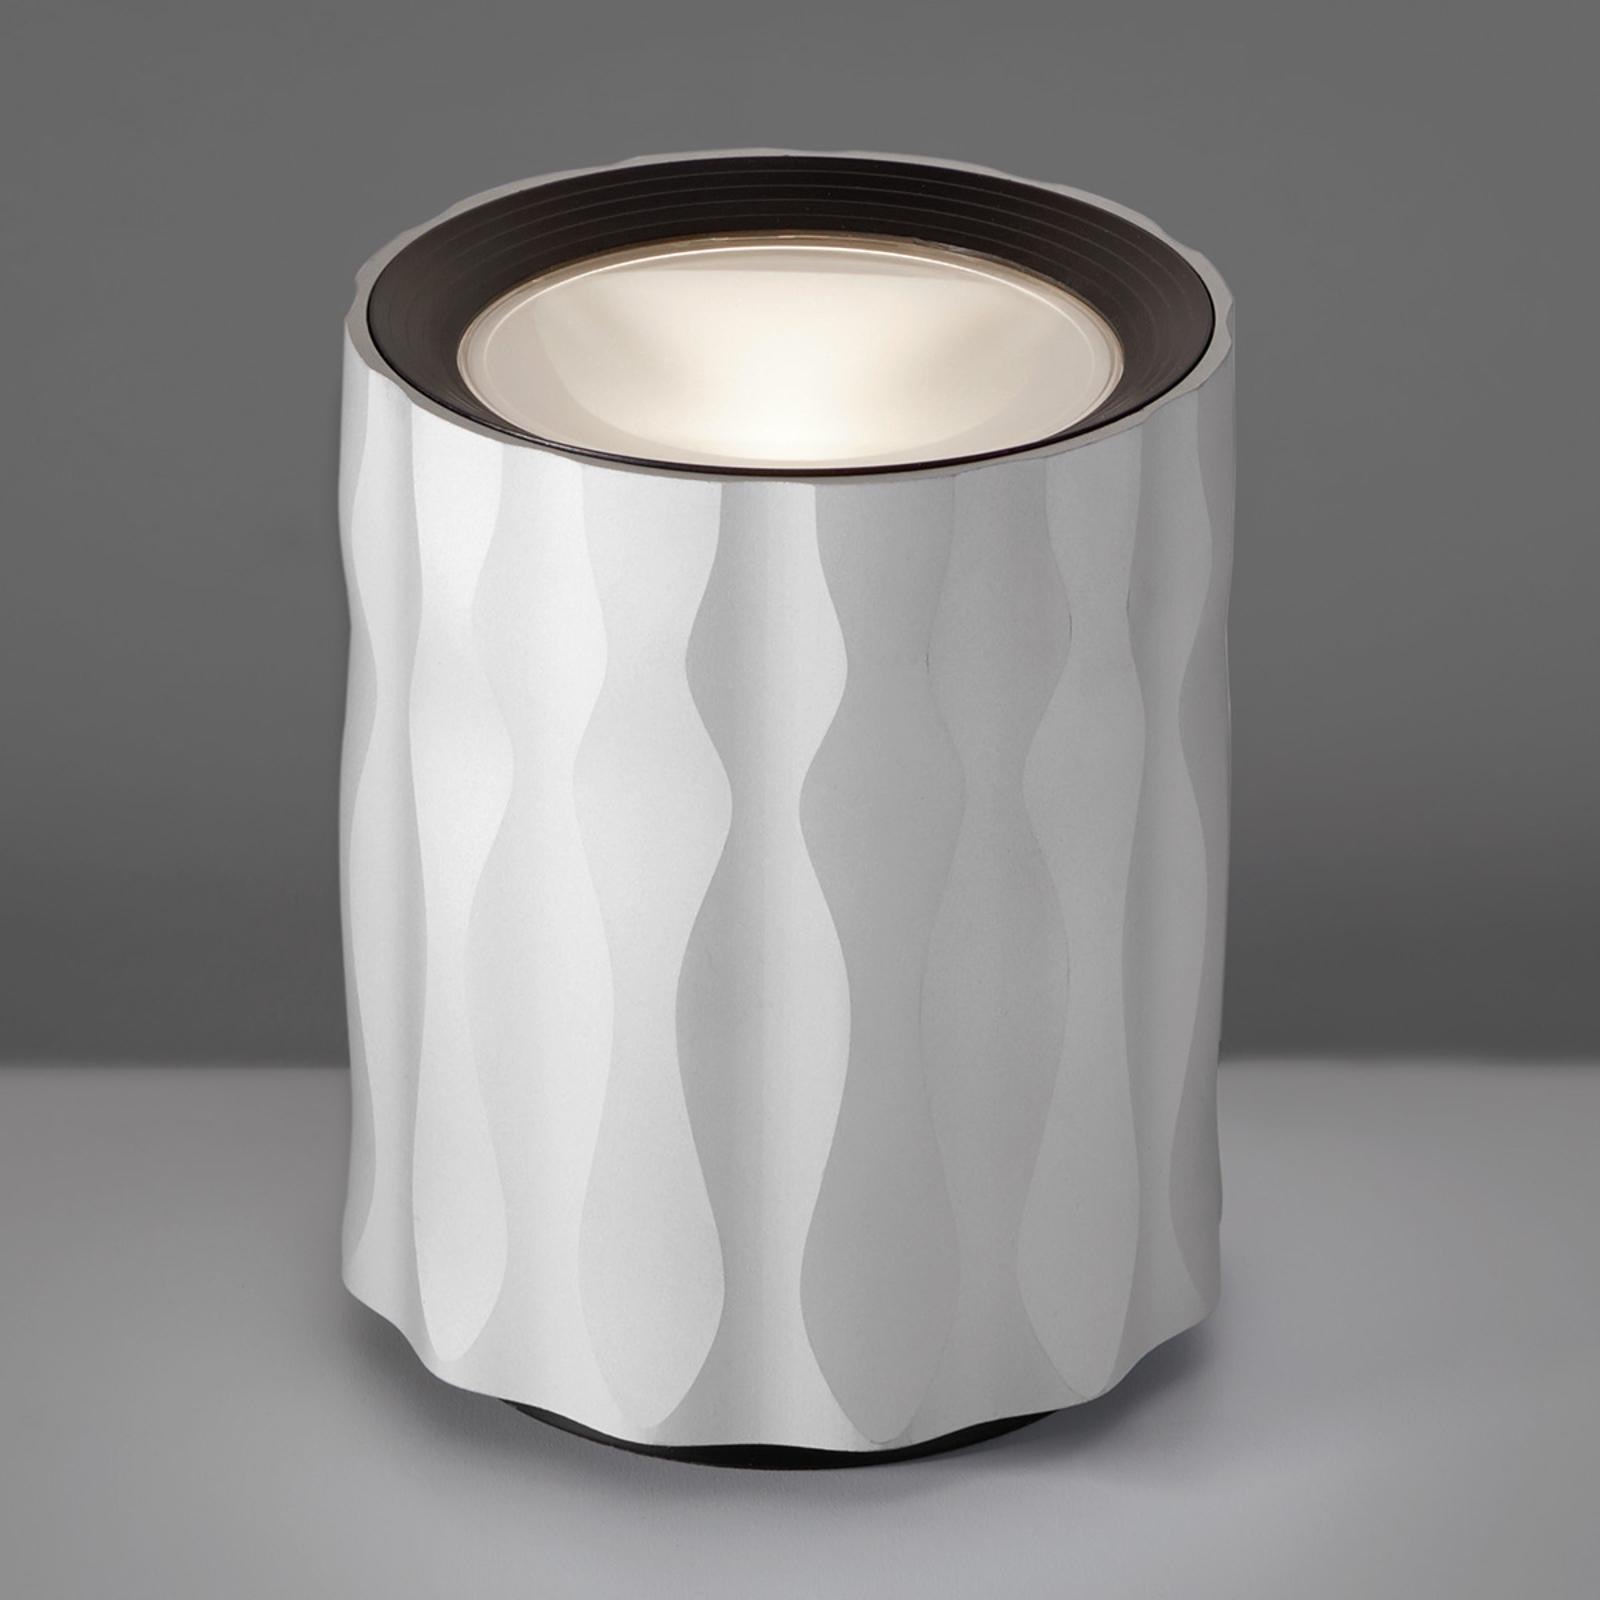 Artemide Fiamma 15 lampe de table et sol grise